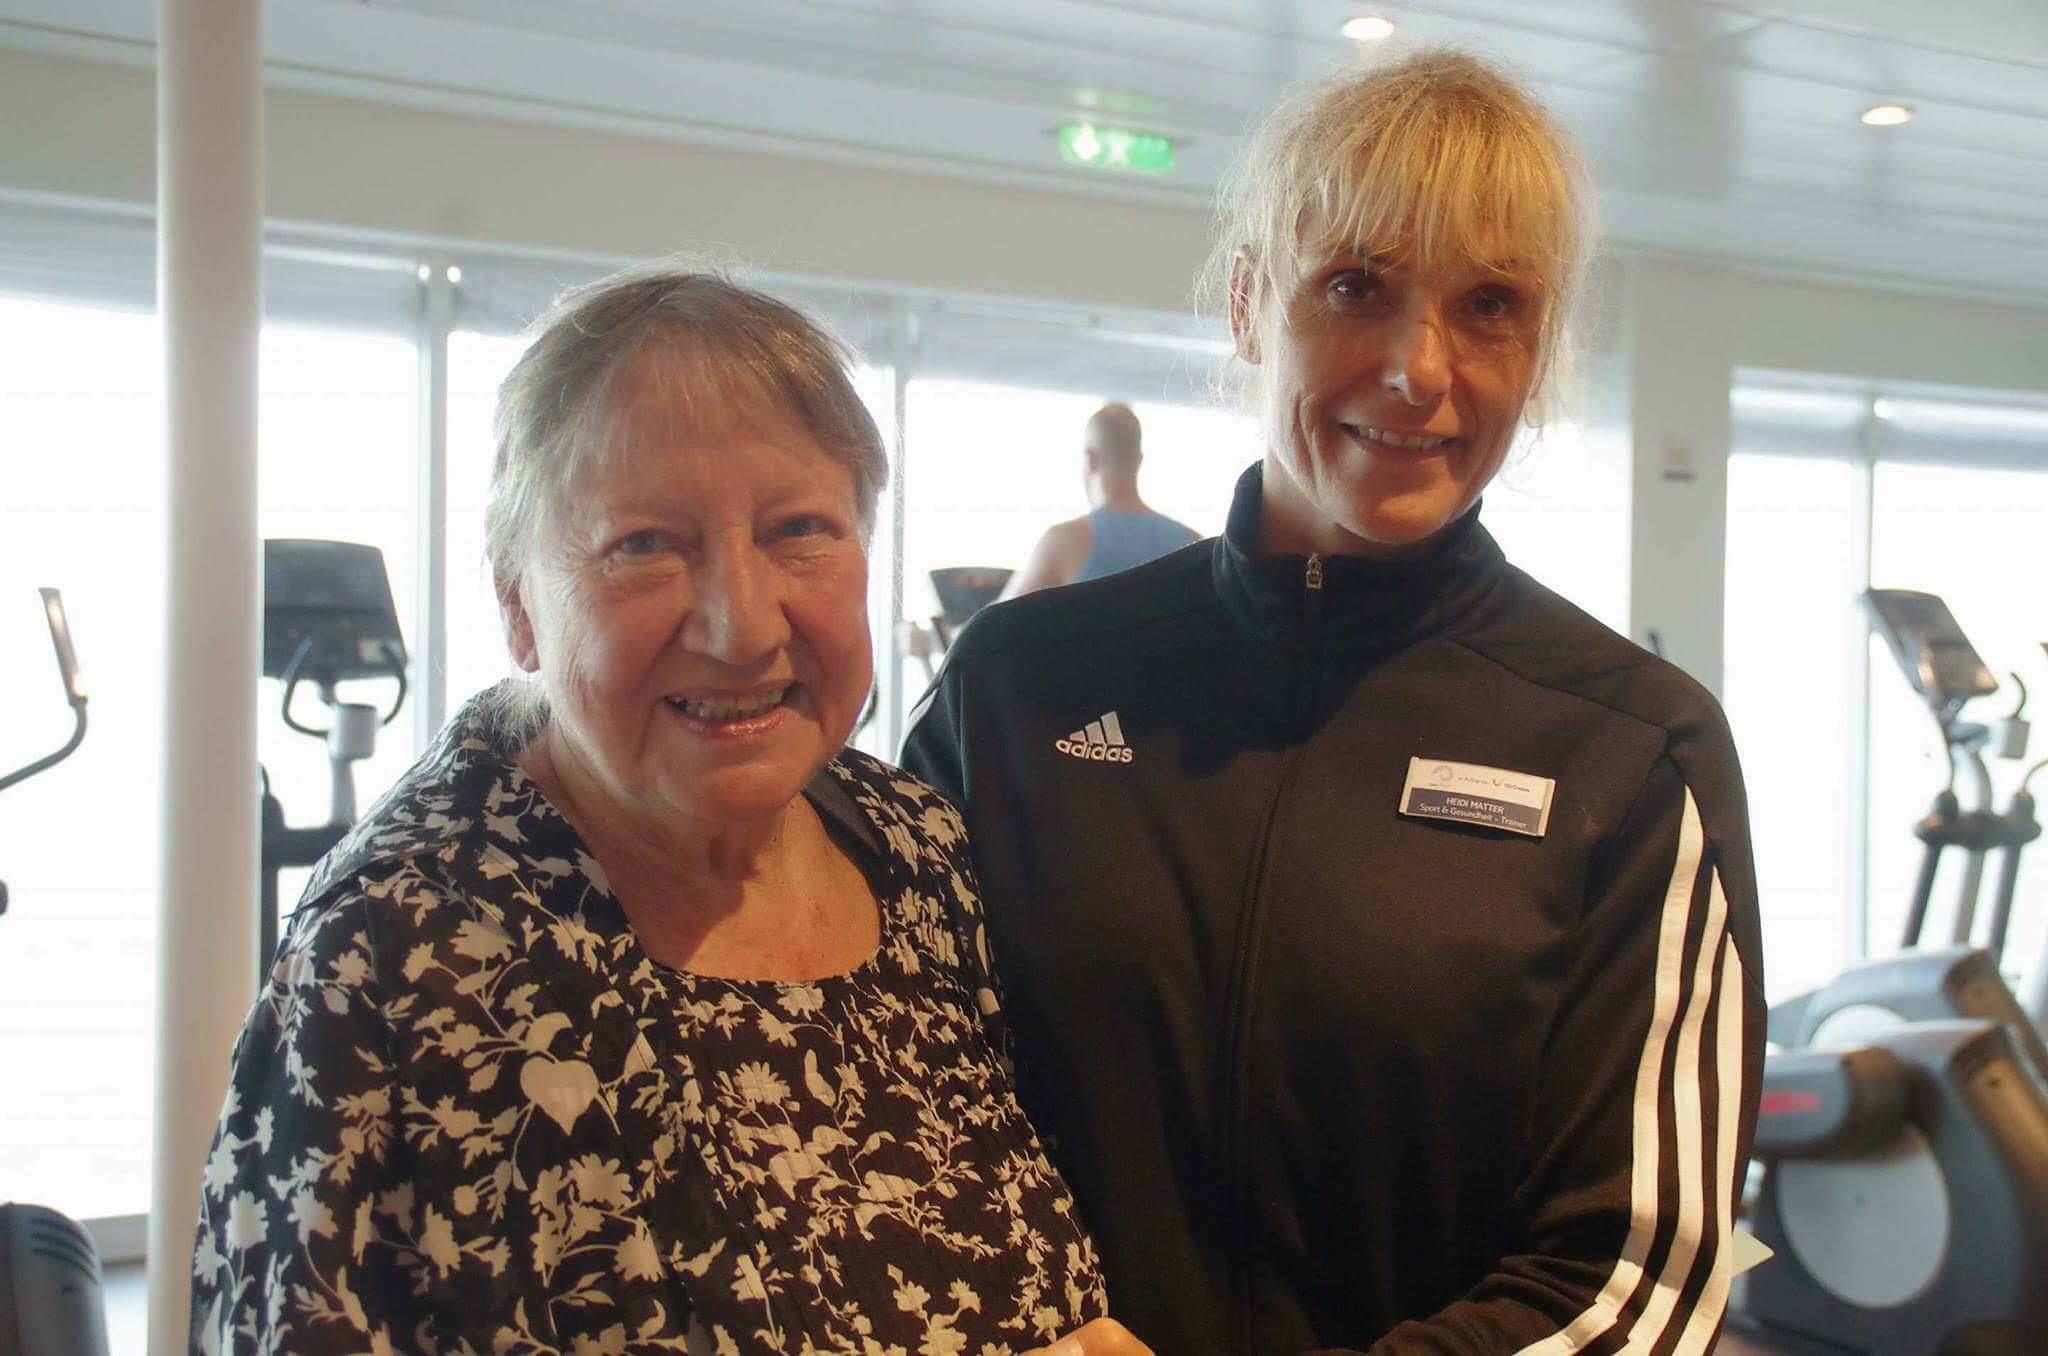 Mein Schiff Urlaubsheldin Heidi Matter mit Frau K.